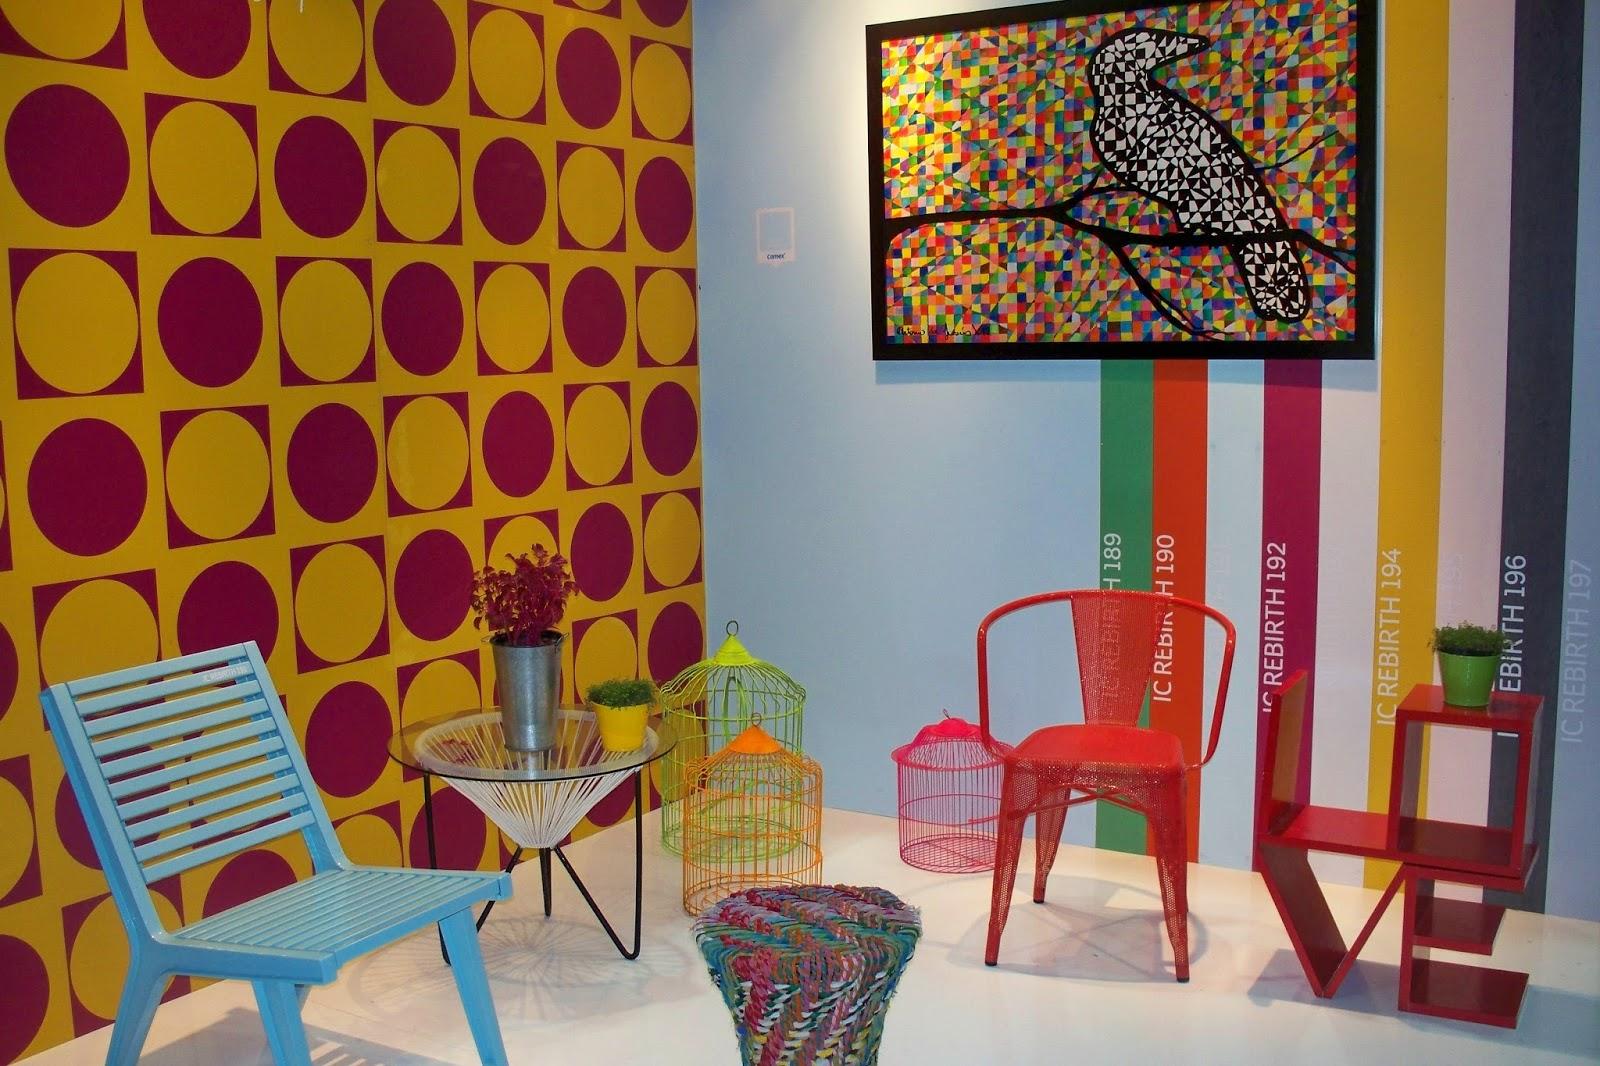 Dise adora de interiores rese a de expo habitat 2013 for Disenadora de interiores